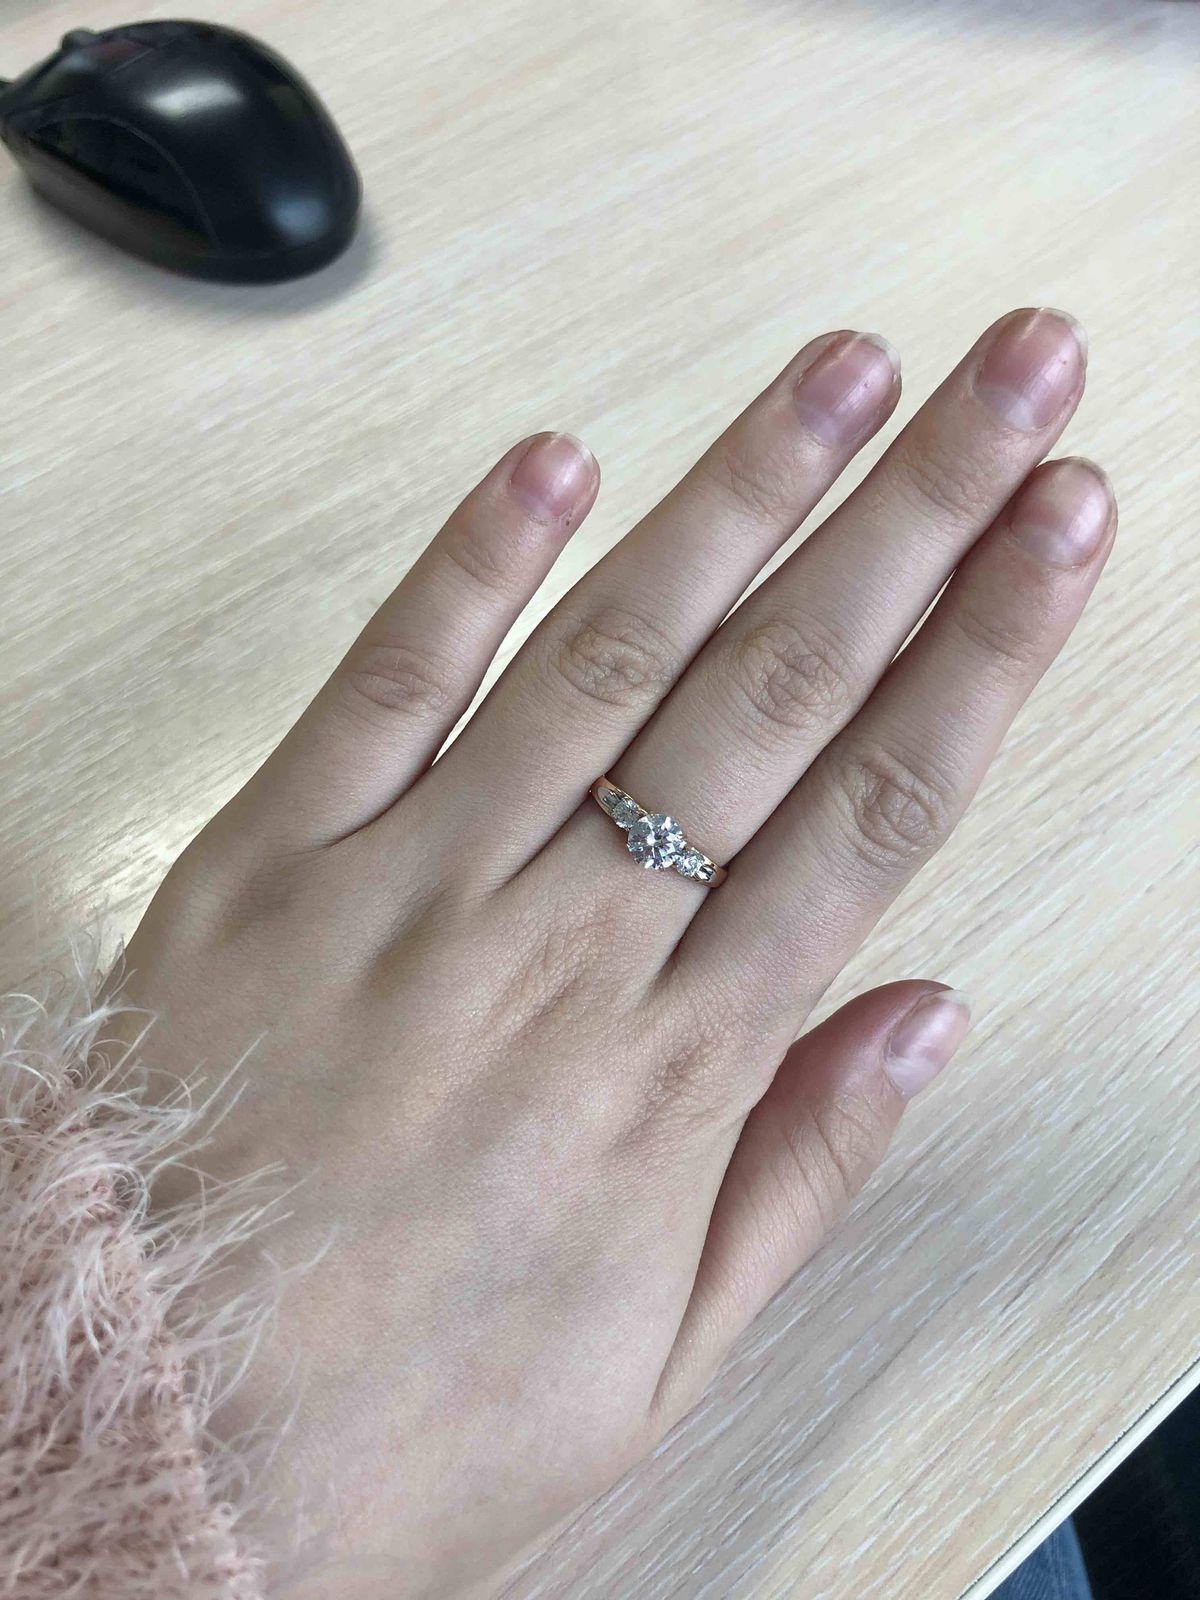 Очень красивое кольцо за достойную цену